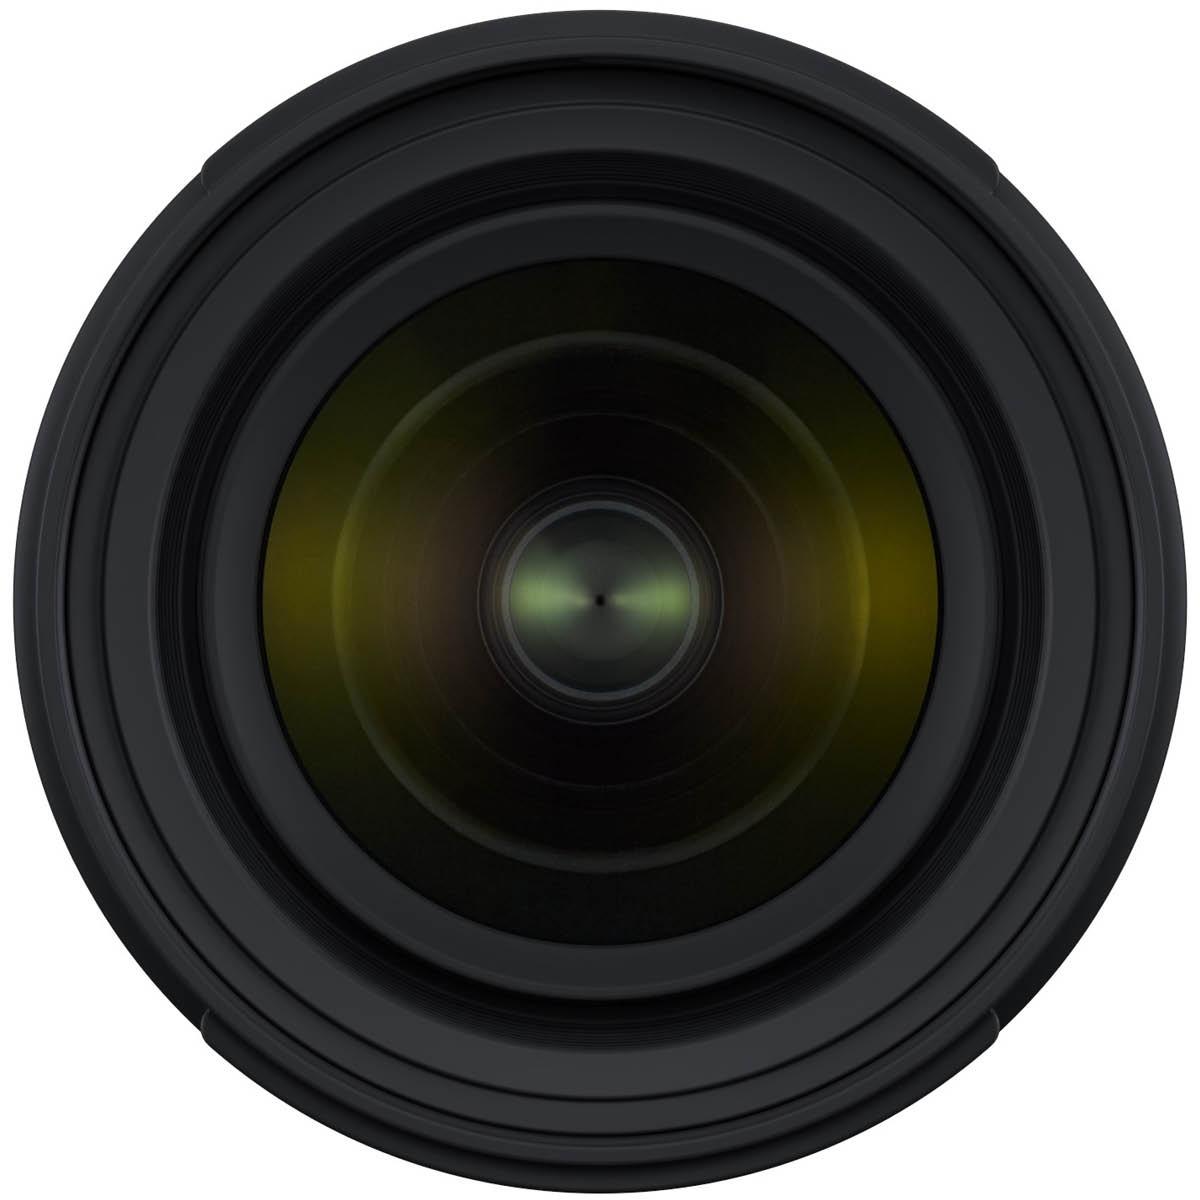 Tamron 17-28 mm 1:2,8 DI III RXD FE